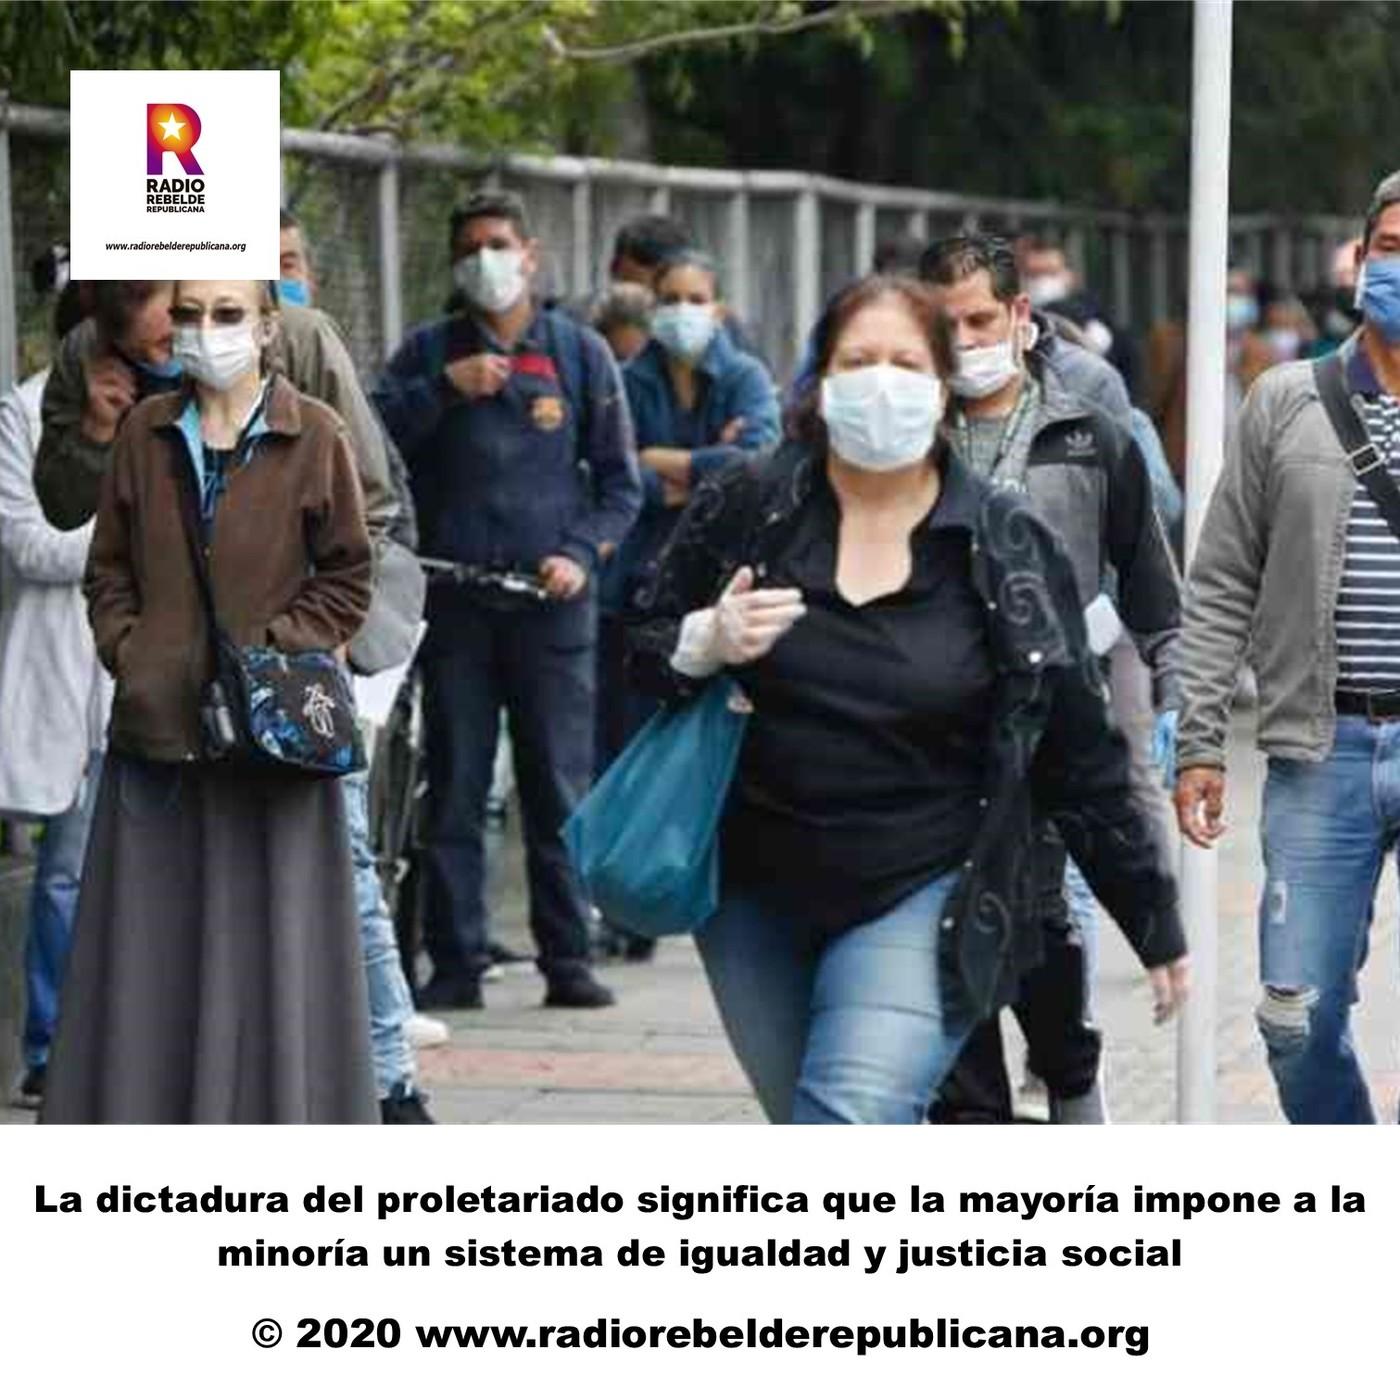 La dictadura del proletariado significa que la mayoría impone a la minoría un sistema de igualdad y justicia social